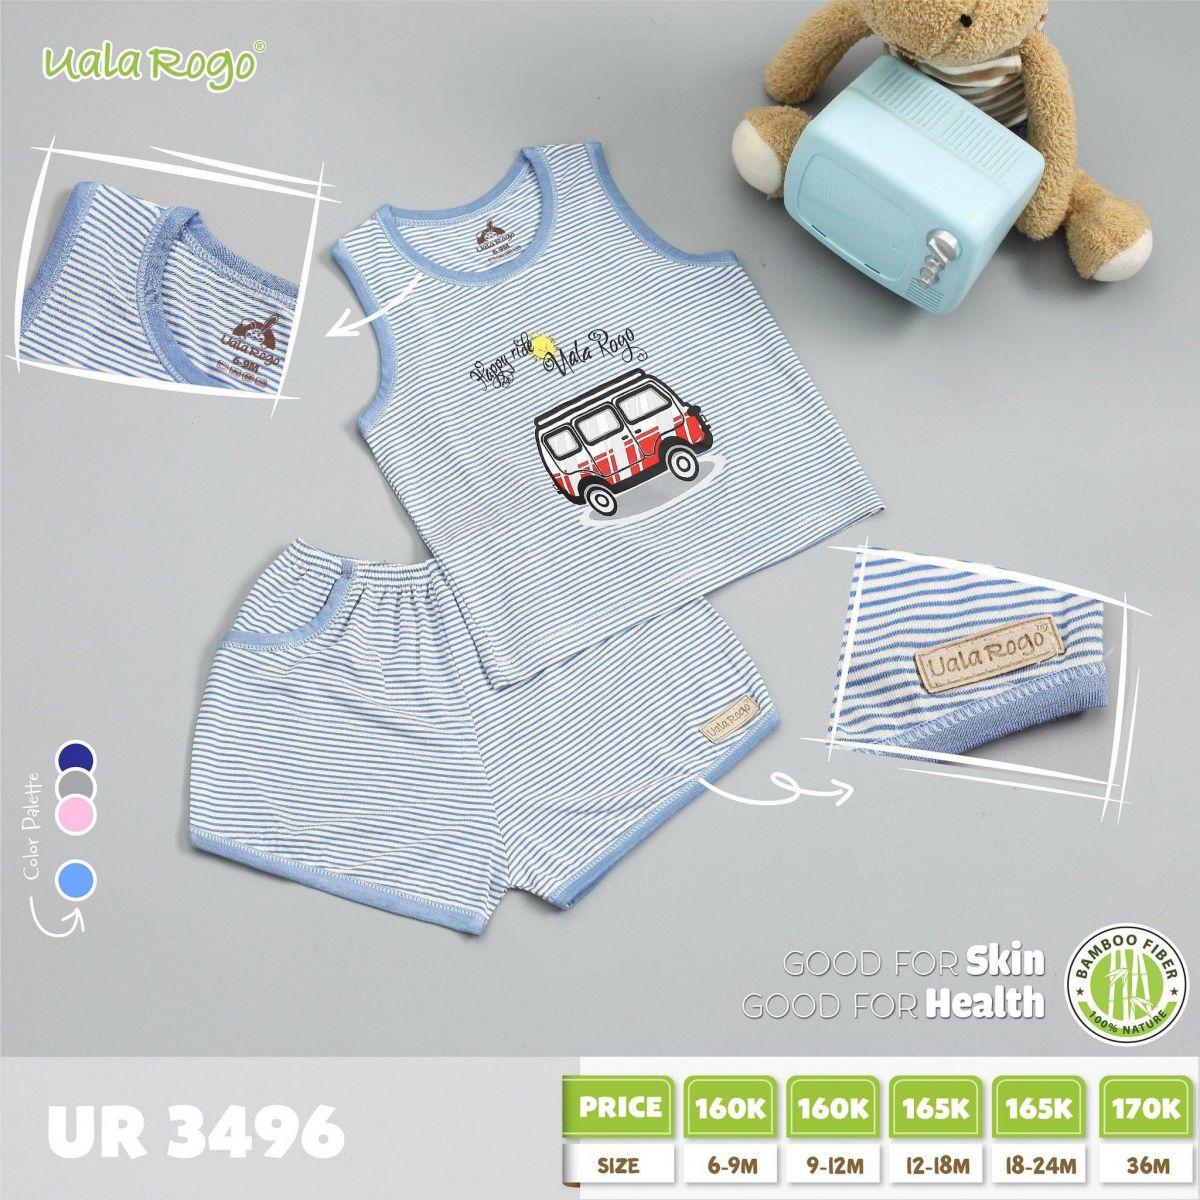 UR3496.4 - Bộ cộc tay cho bé - Màu xanh dương nhạt